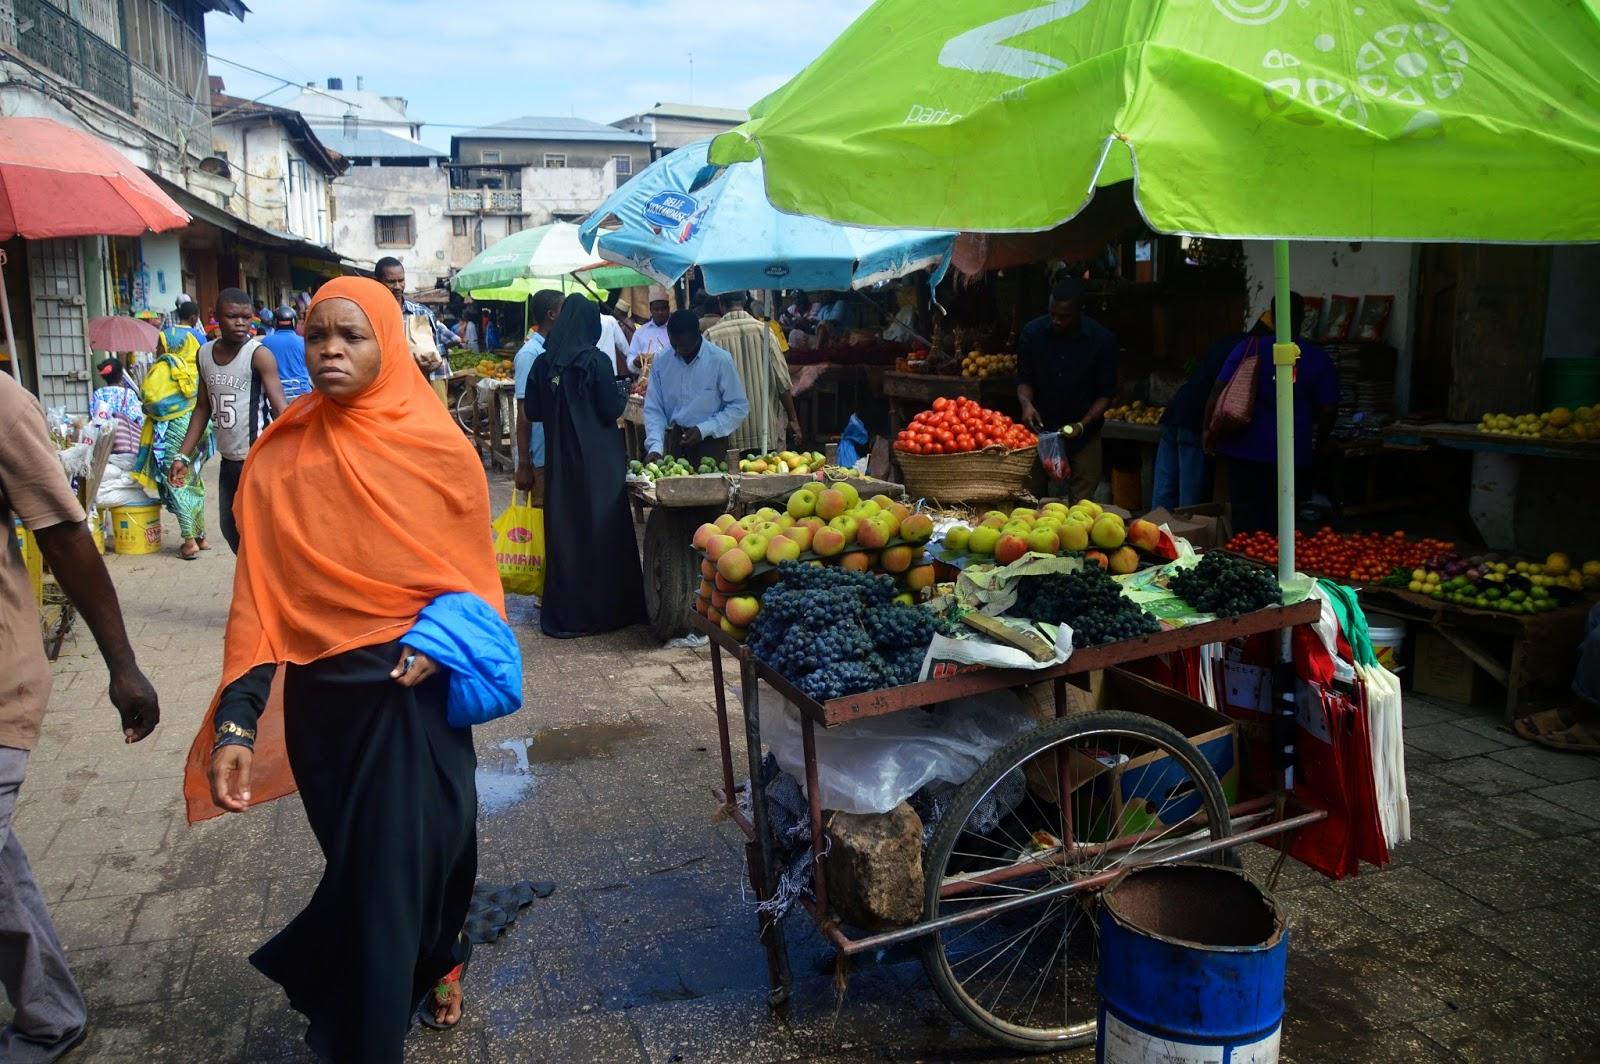 zanzibar tanzania market bazaar fruit